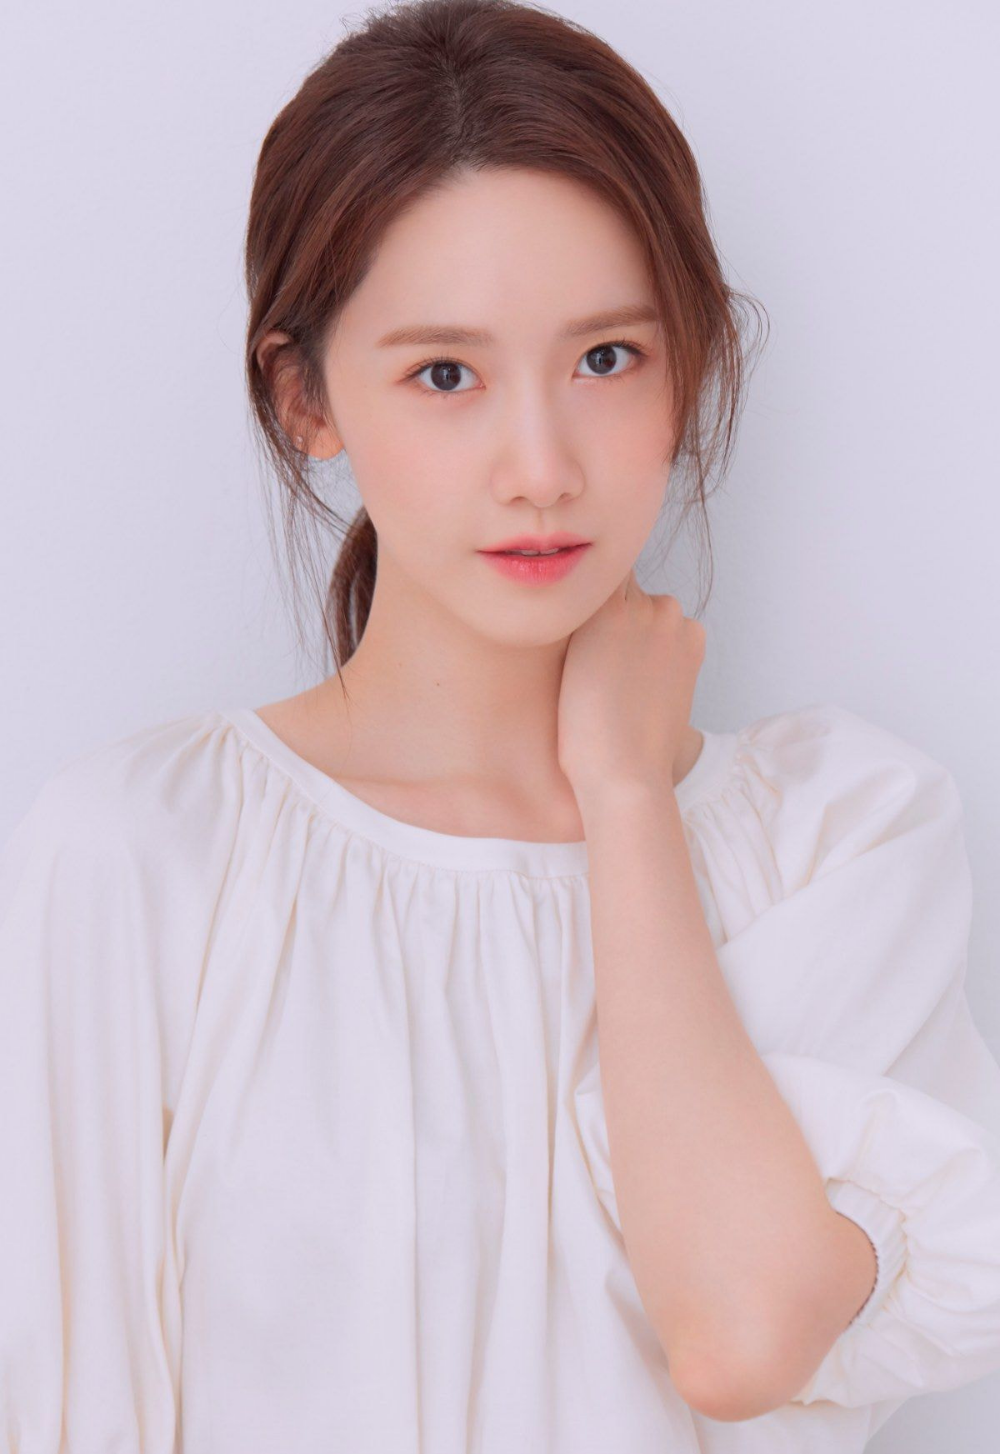 Yoona sinh năm 1990, debut năm 2007 với tư cách thành viên SNSD. Vẻ đẹp trong sáng tự nhiên của Yoona giúp cô được đánh giá là một trong những mỹ nhân tiêu biểu nhất của dàn sao nữ nhà SM.